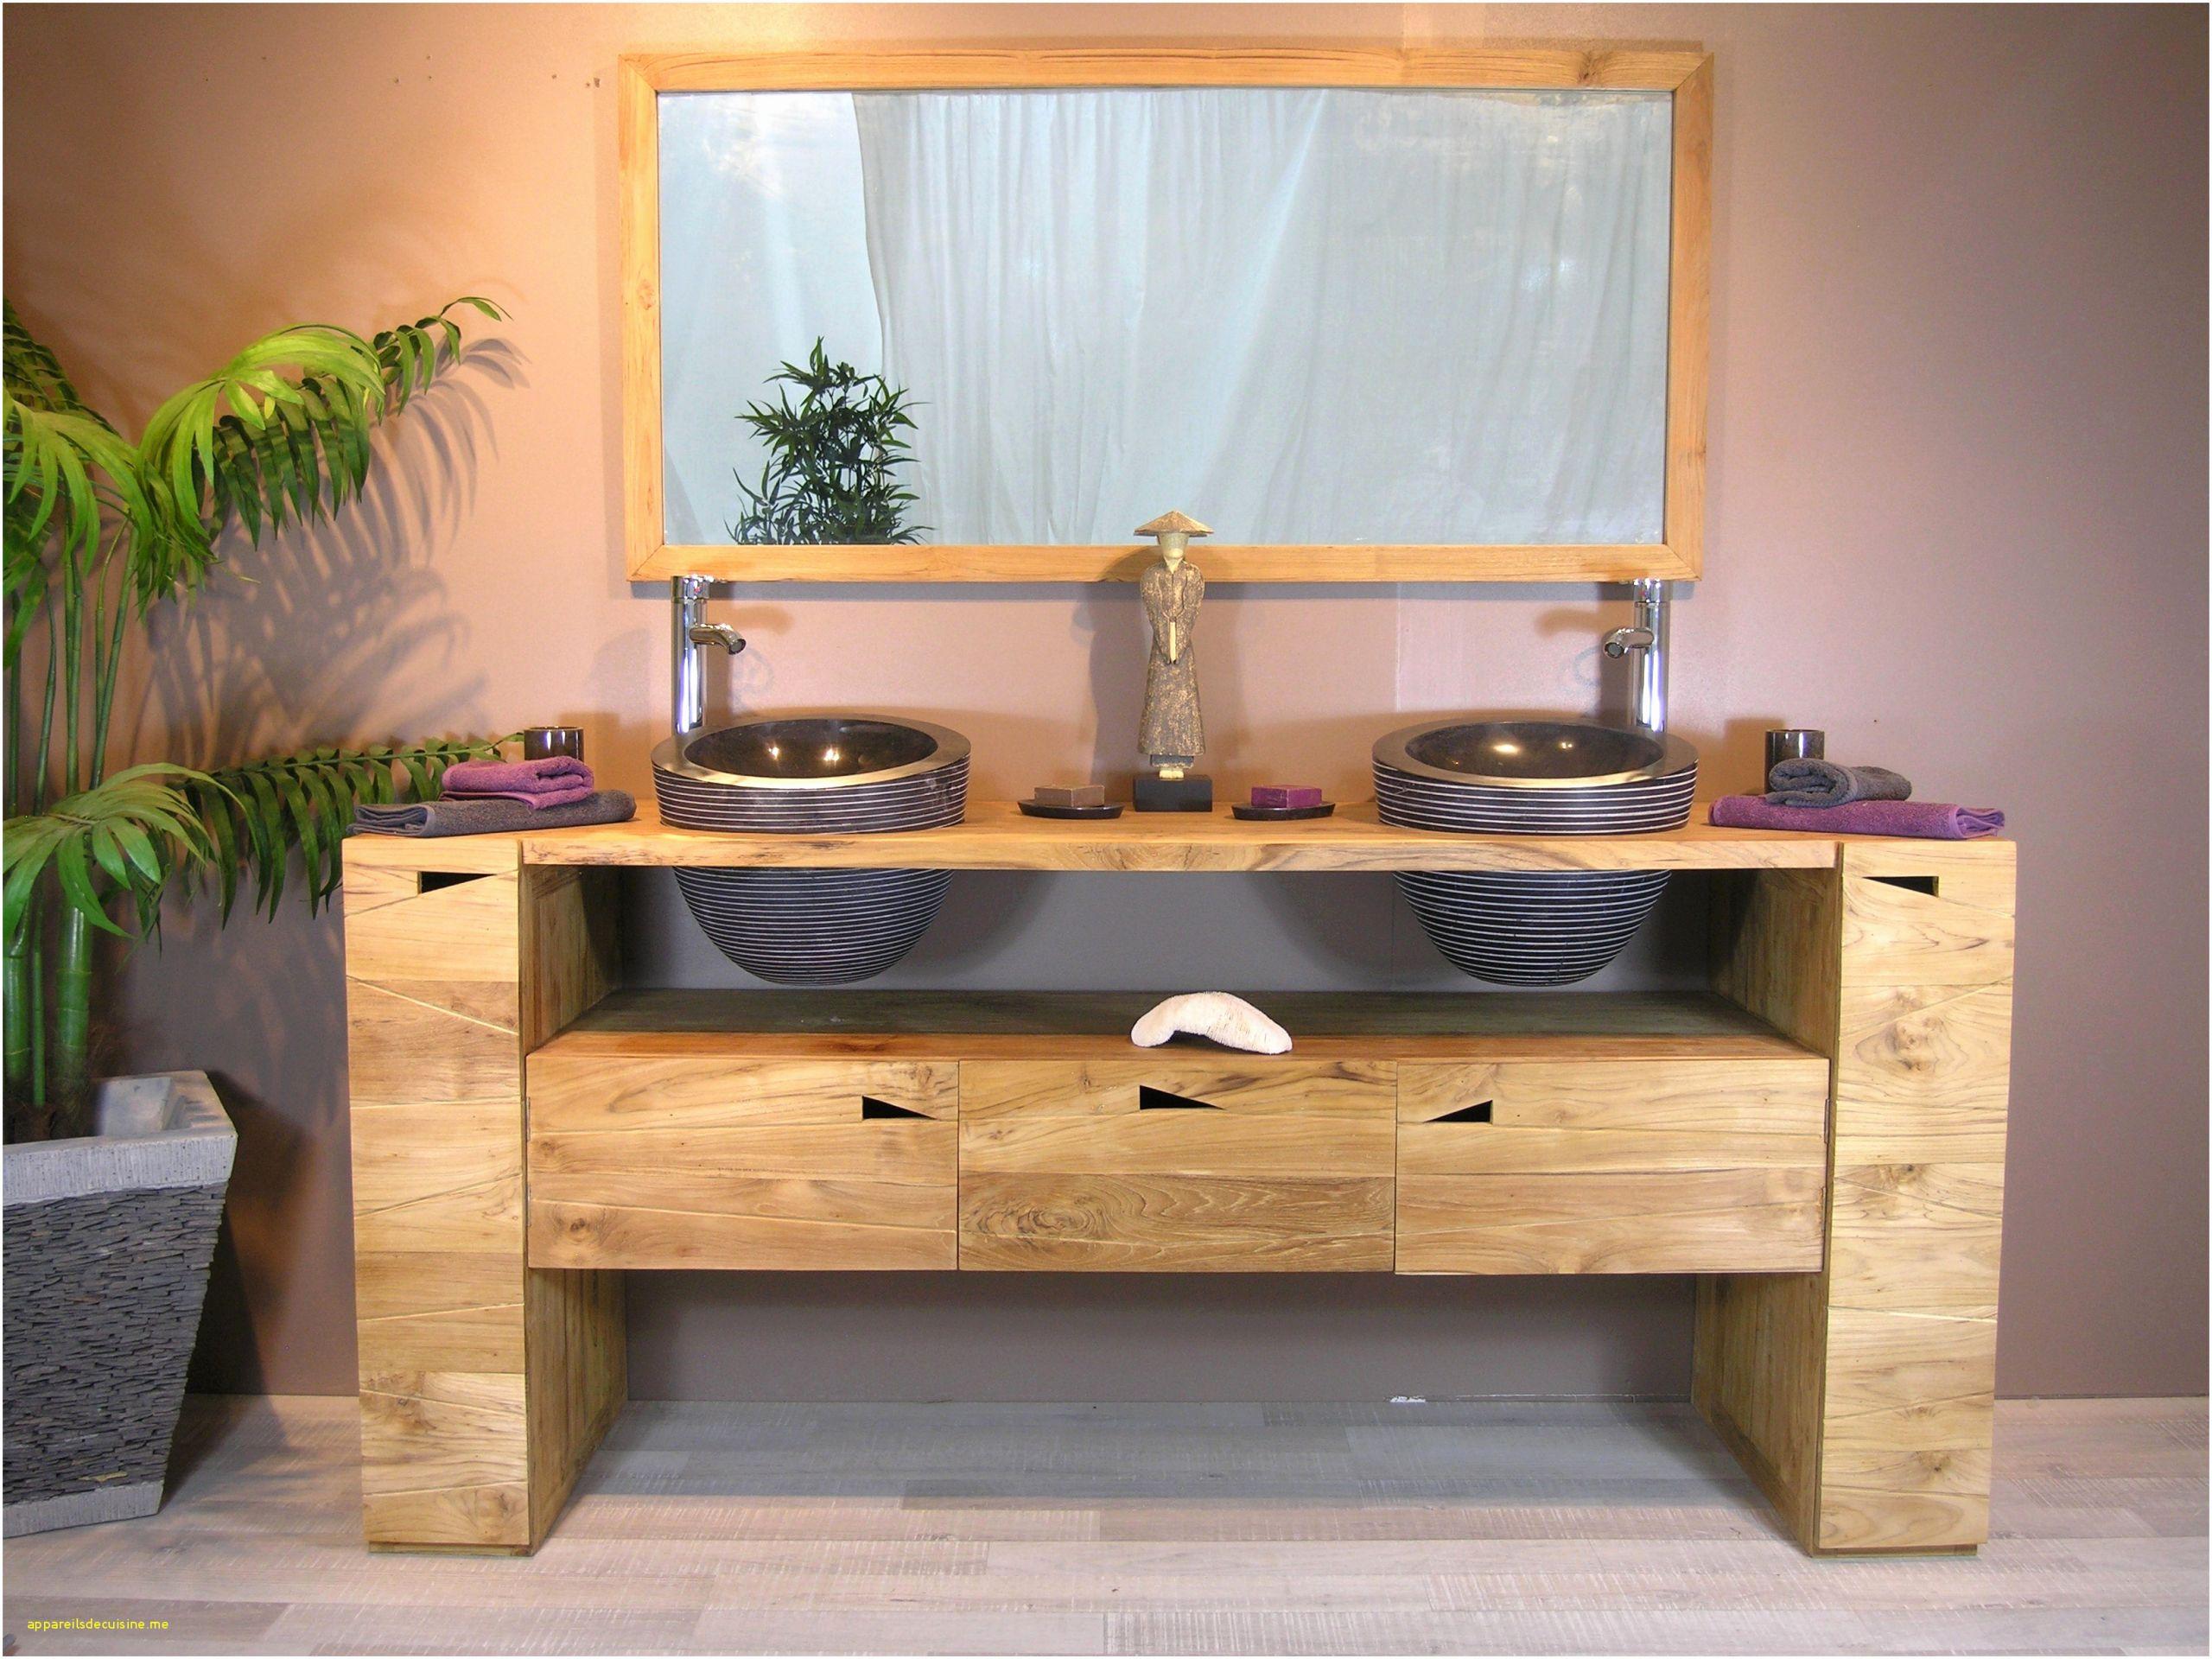 salle de bain en teck beau meuble salle de bains en bois lavabo salle bain meuble lavabo bois of salle de bain en teck